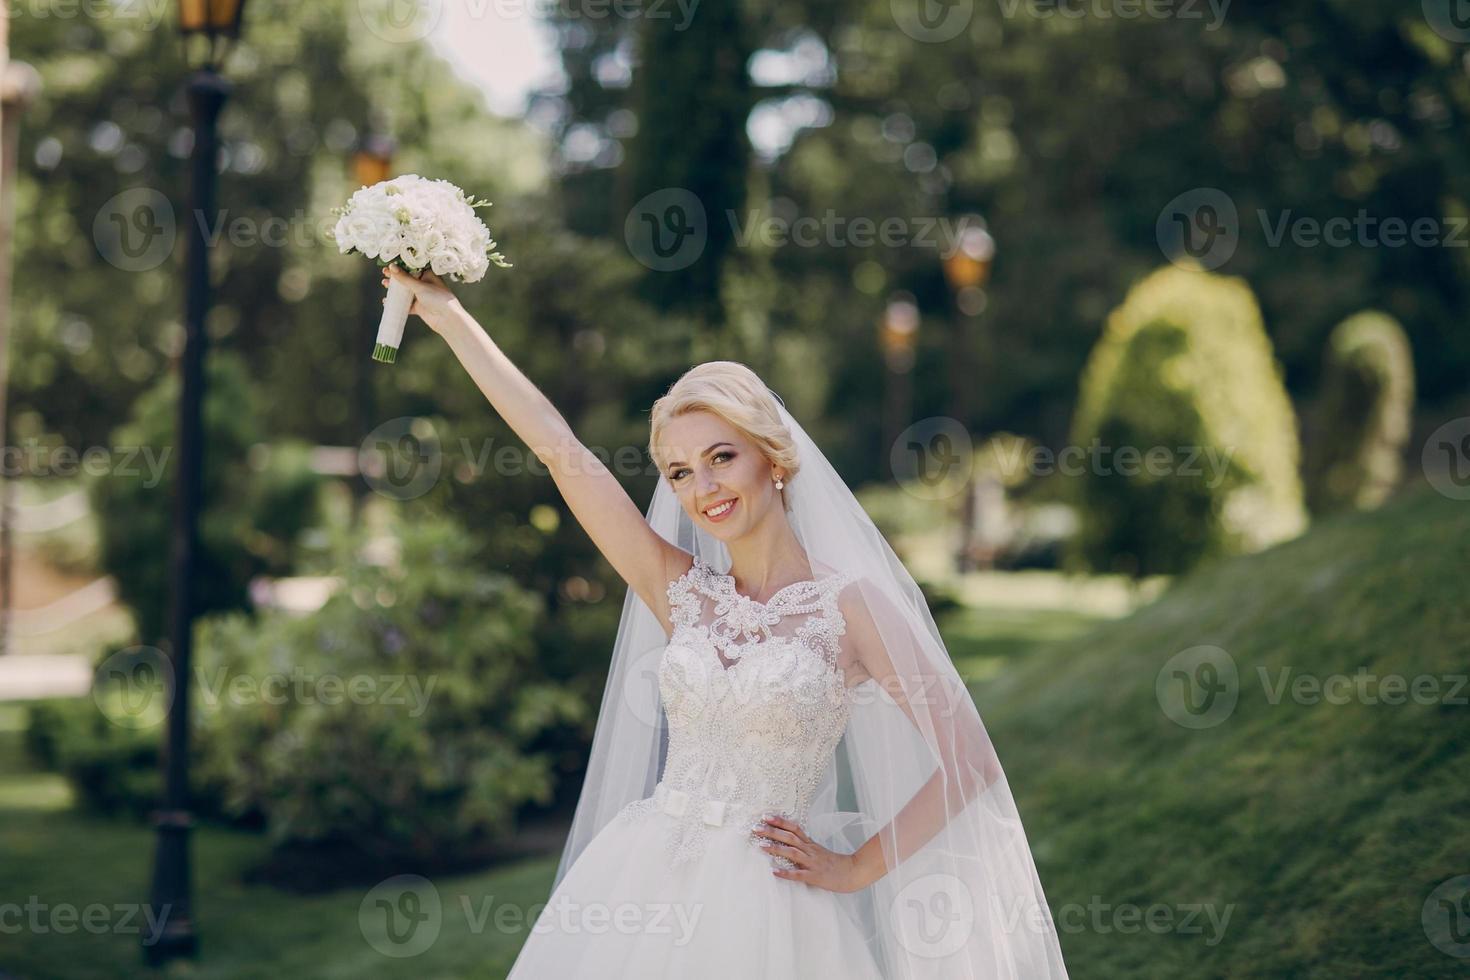 dia de sol do casamento foto